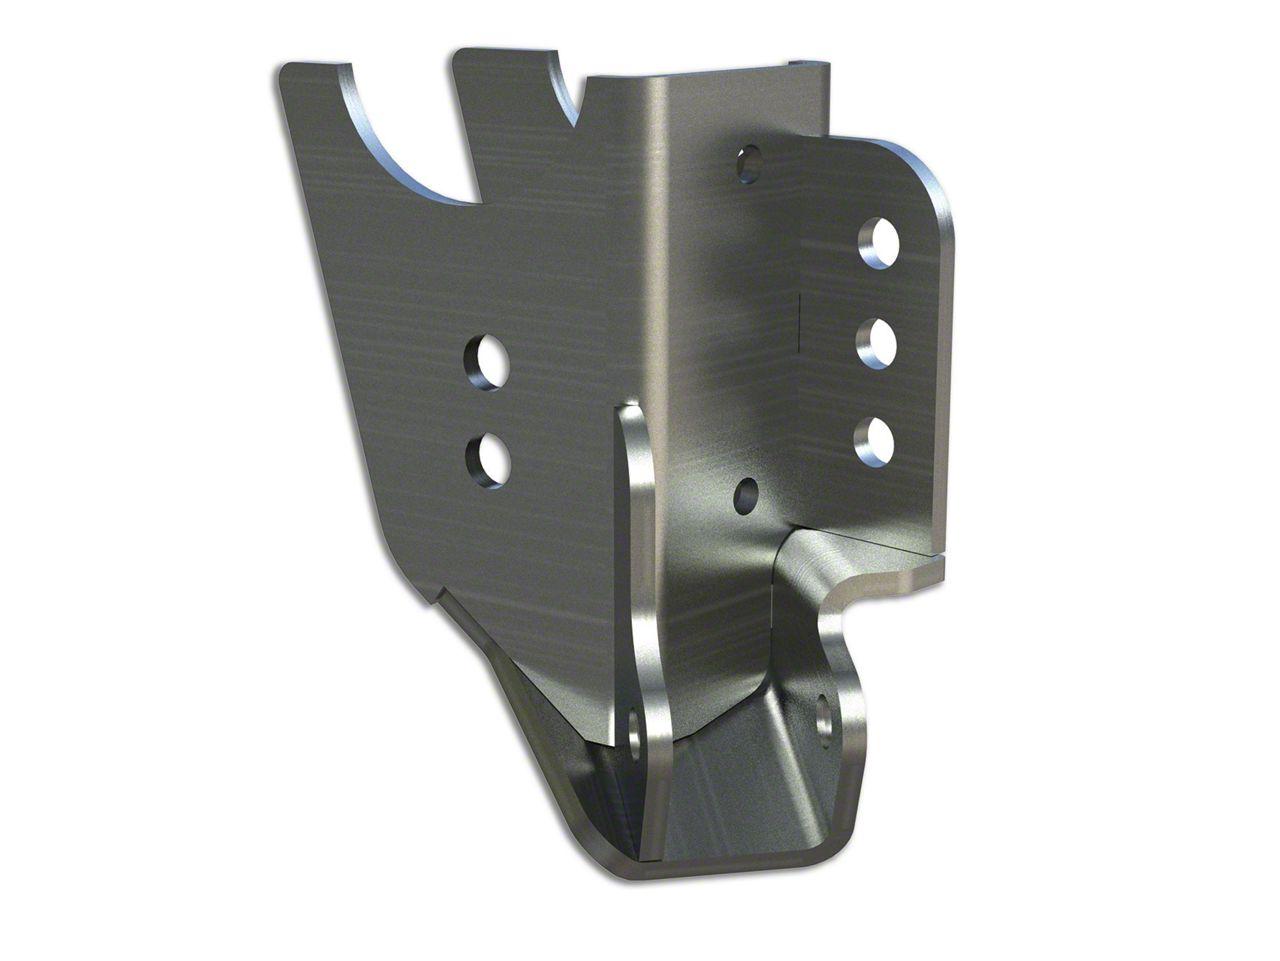 Teraflex Rear CRD60 Axle Bracket w/ Lower FlexArm & Shock Mount - Passenger Side (07-18 Jeep Wrangler JK)